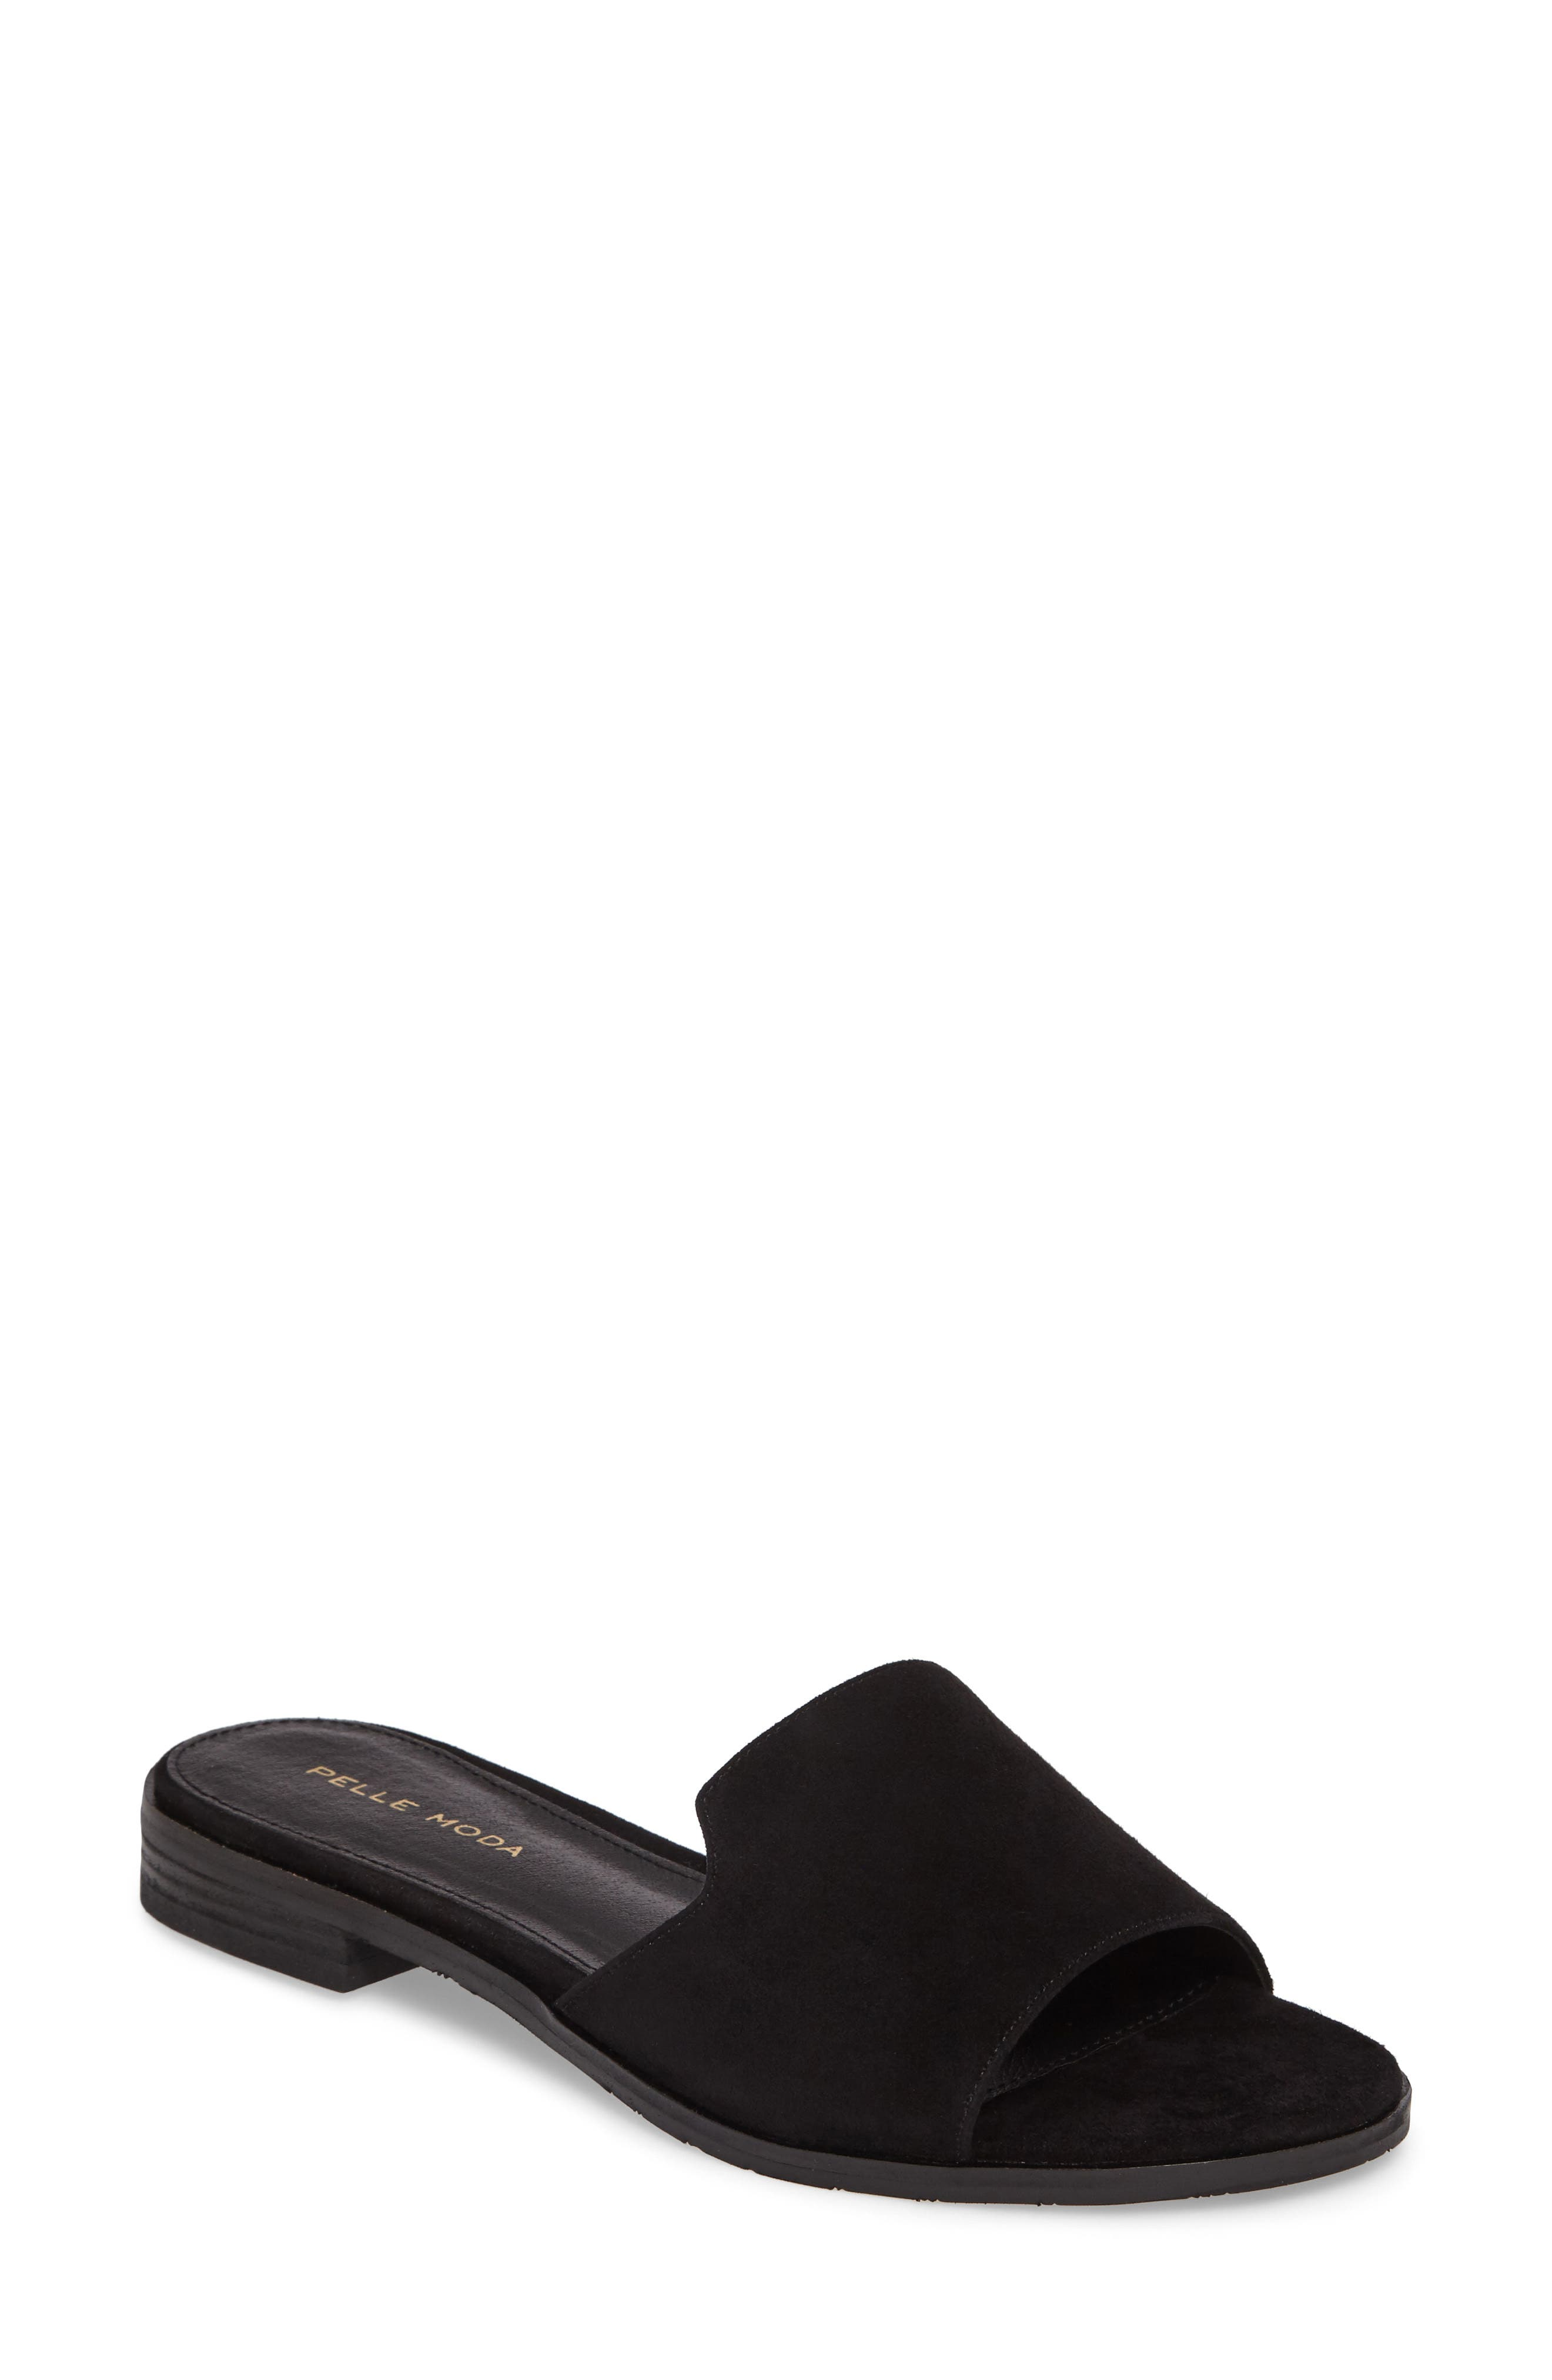 Alternate Image 1 Selected - Pelle Moda Hailey Slide Sandal (Women)